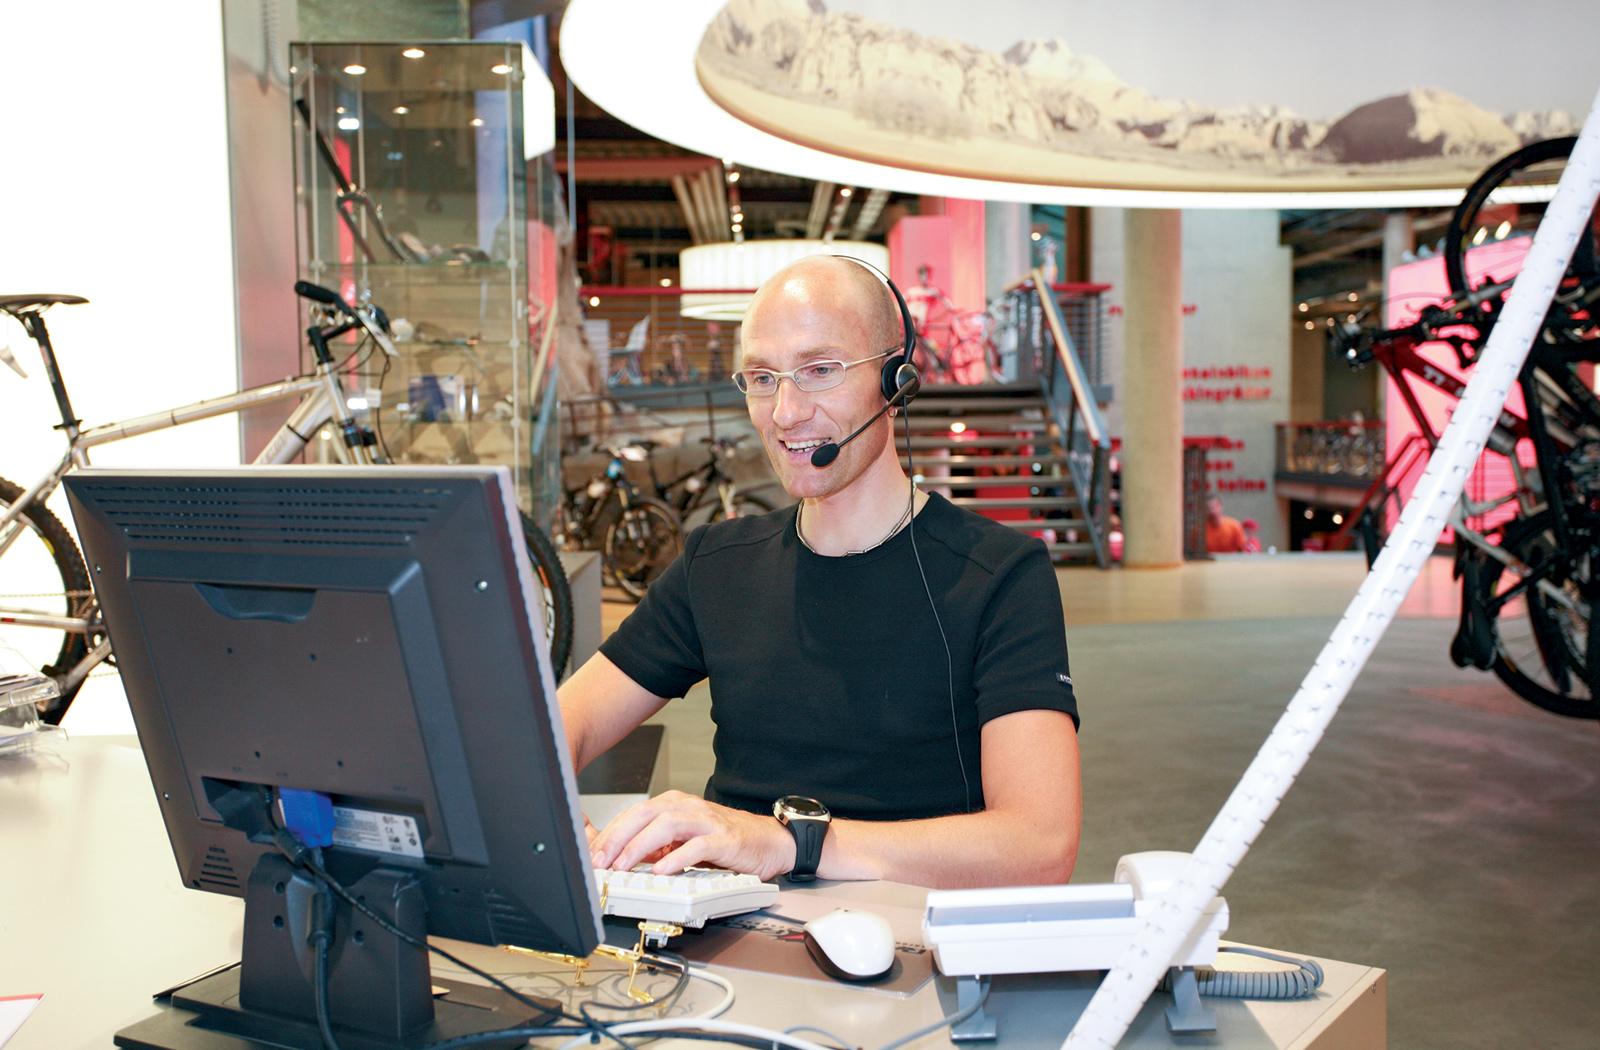 Bei den Kundendienst-Mitarbeitern vieler Hersteller laufen derzeit die Telefone heiß.